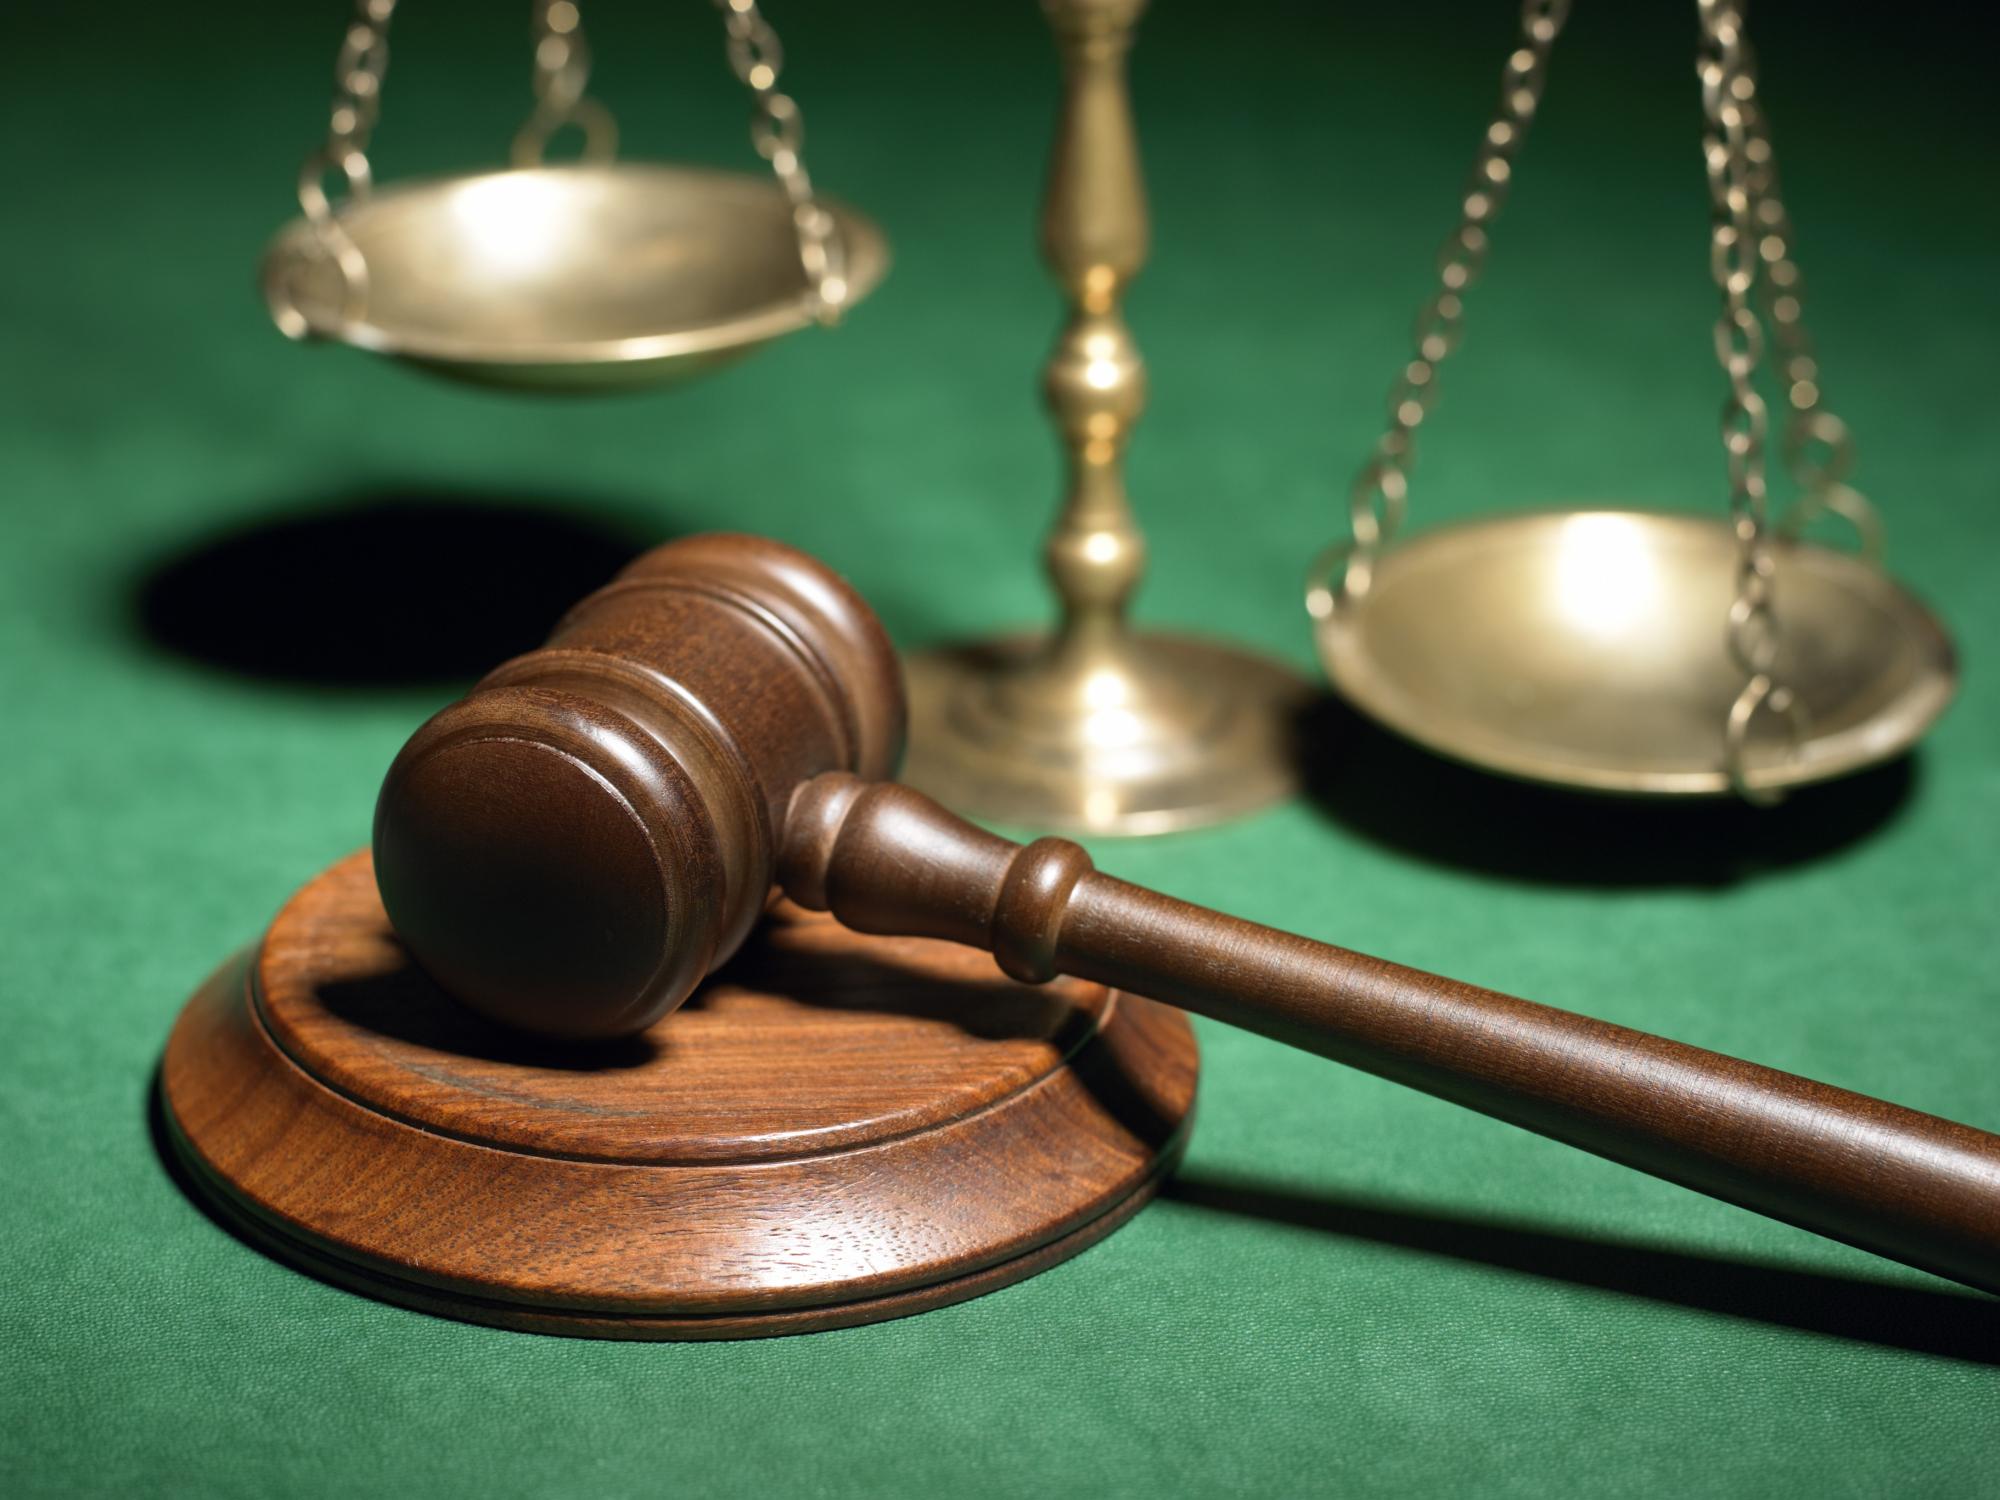 گرفتار قوم پرستوں کے انکشافات کے بعد تحقیقات مزید تیز